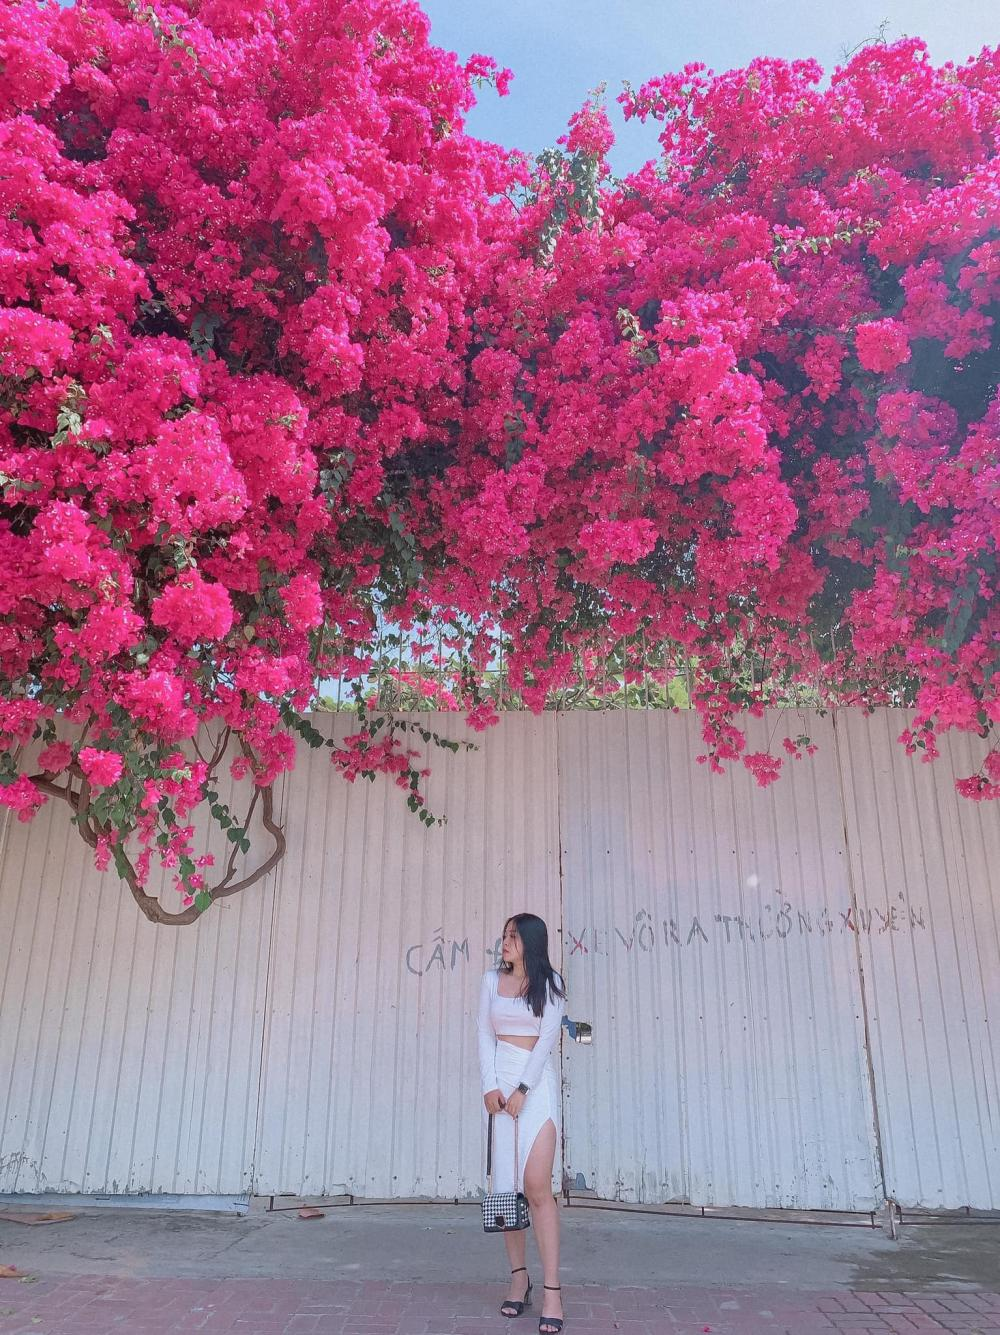 Chỉ sau ít giờ đăng tải, những bức ảnh về giàn hoa giấy Vũng Tàu nhanh chóng được chia sẻ rộng rãi và nhiều người tới đây check-in.